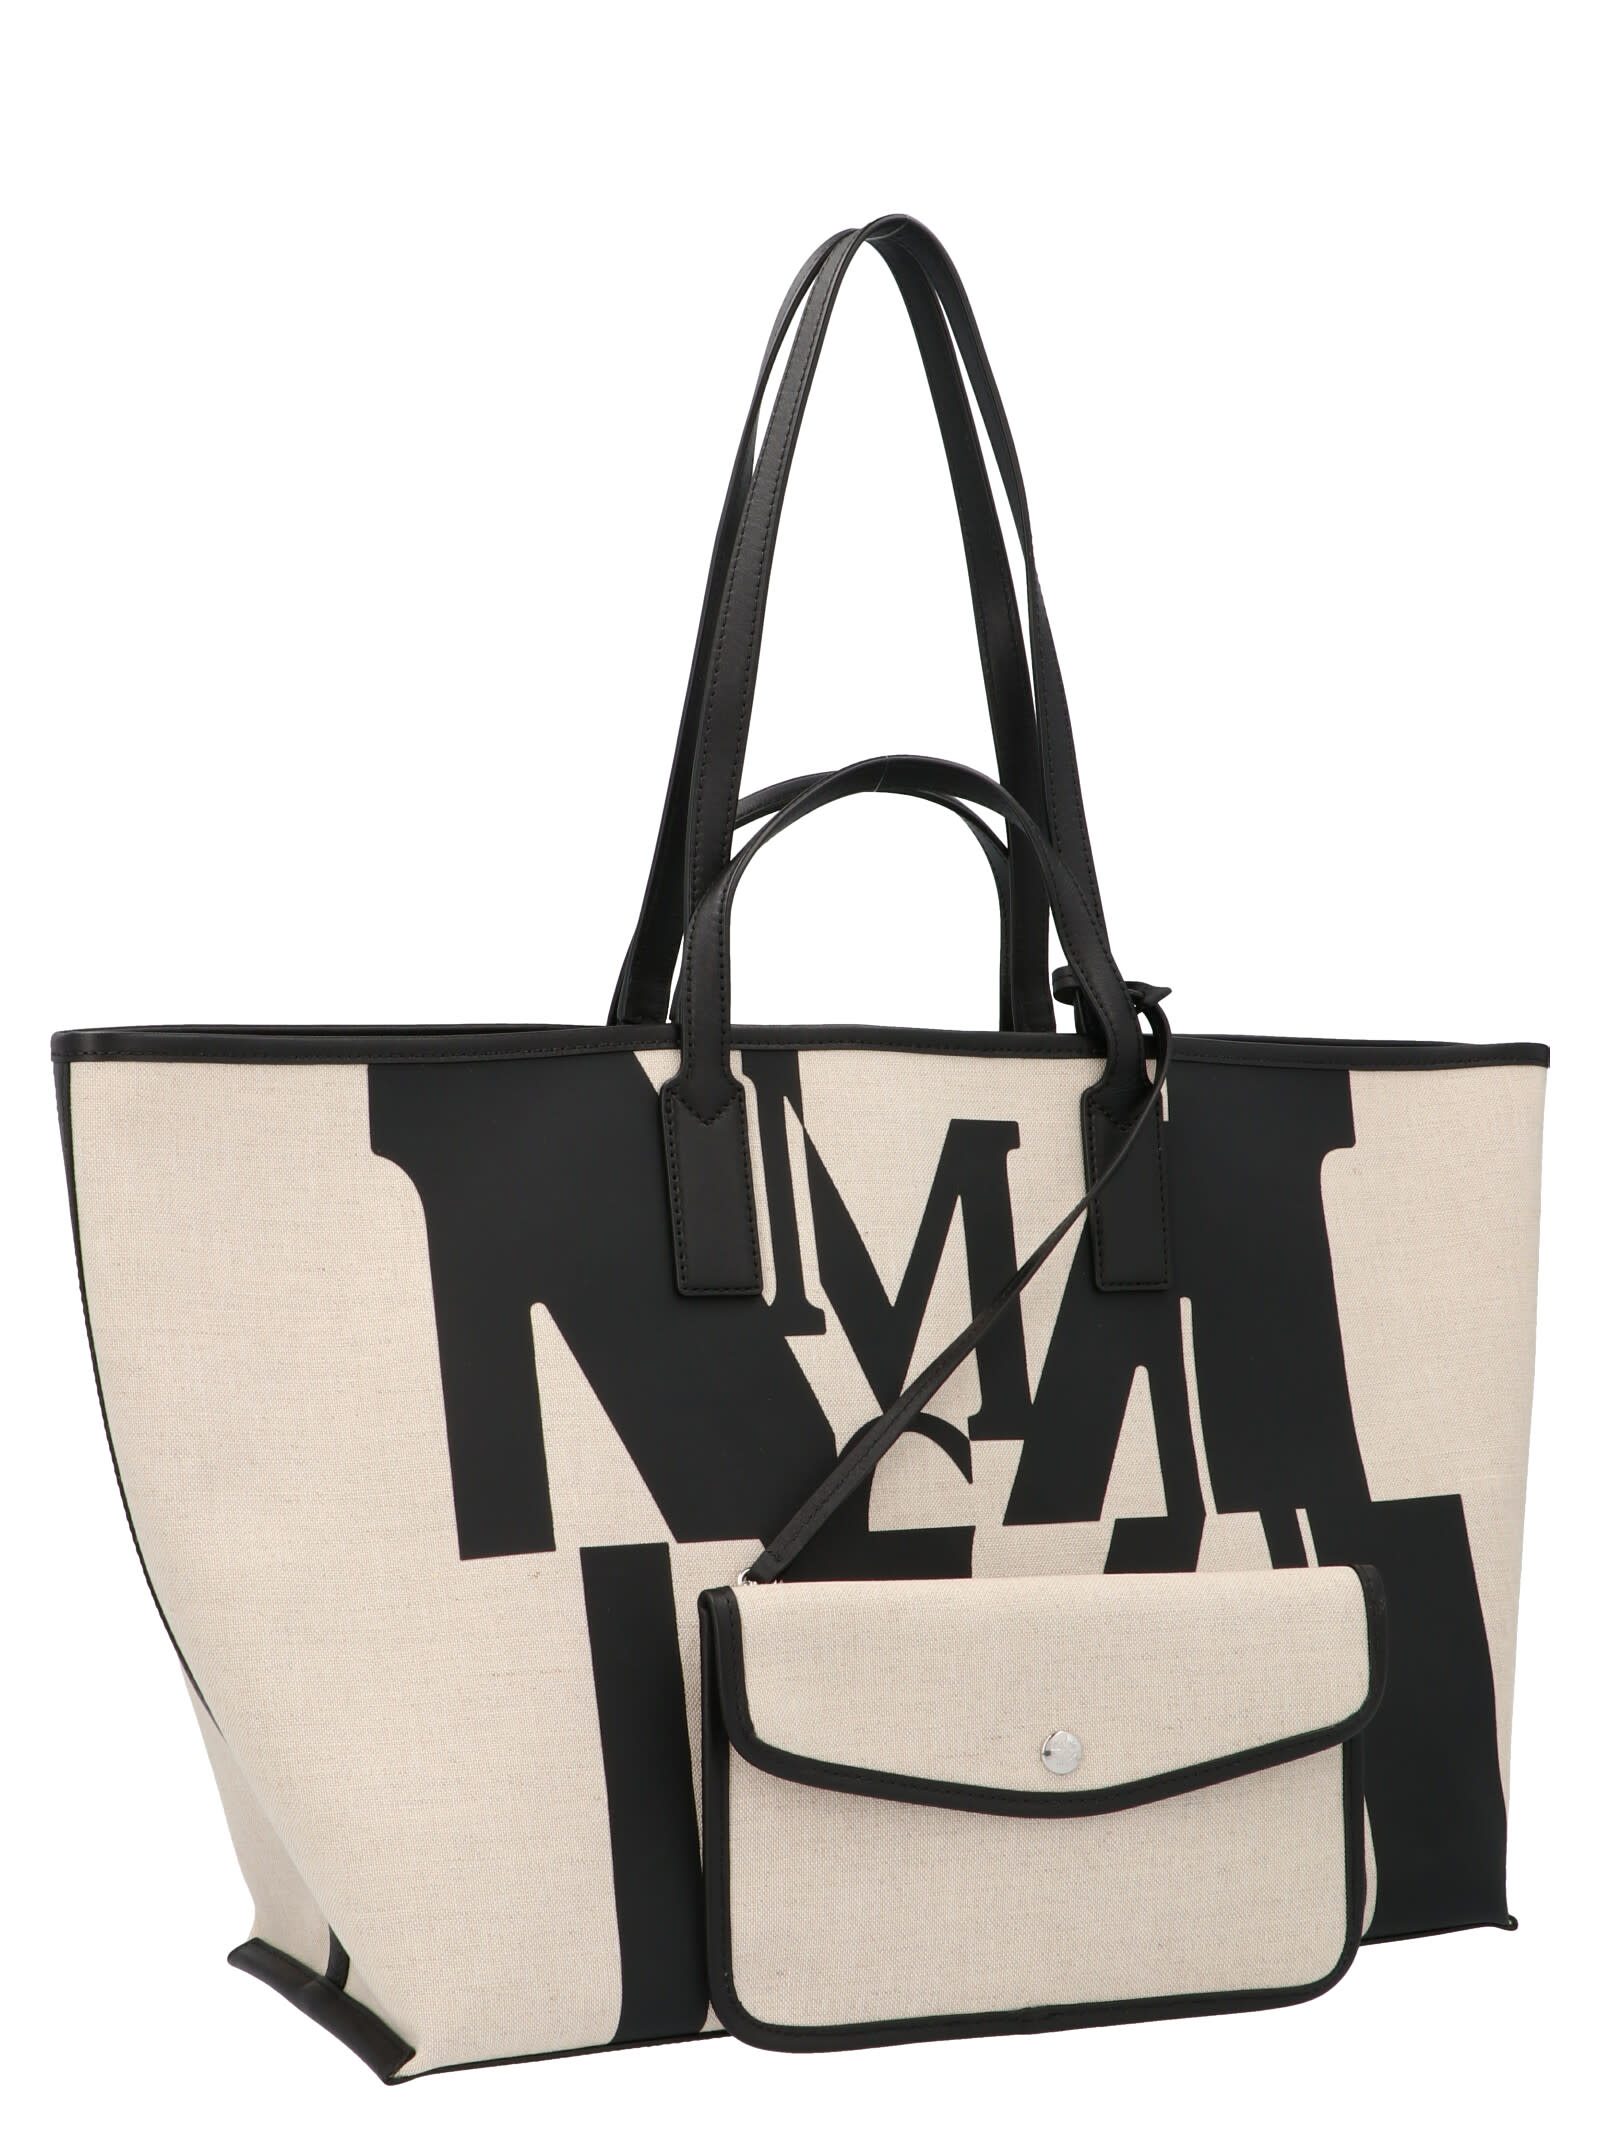 Mcm MCM LOGO GLITCH BAG